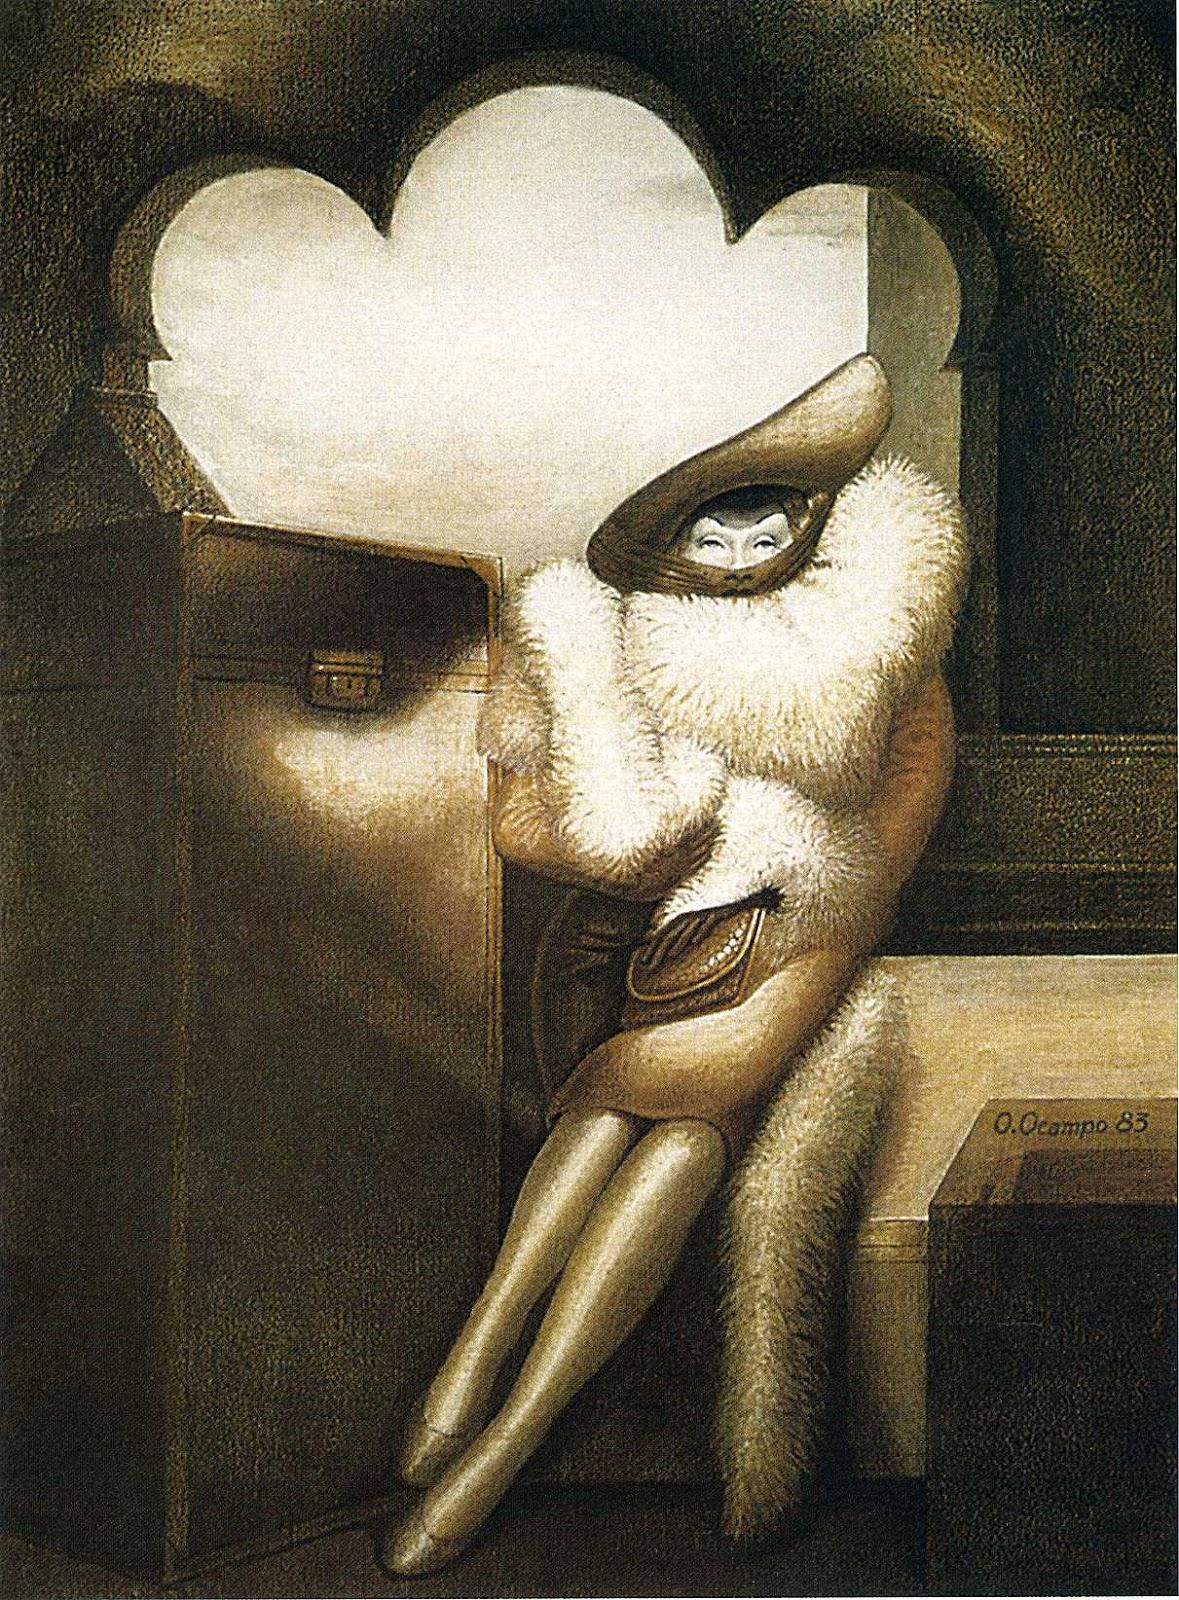 Surrealism and Visionary art: Octavio Ocampo